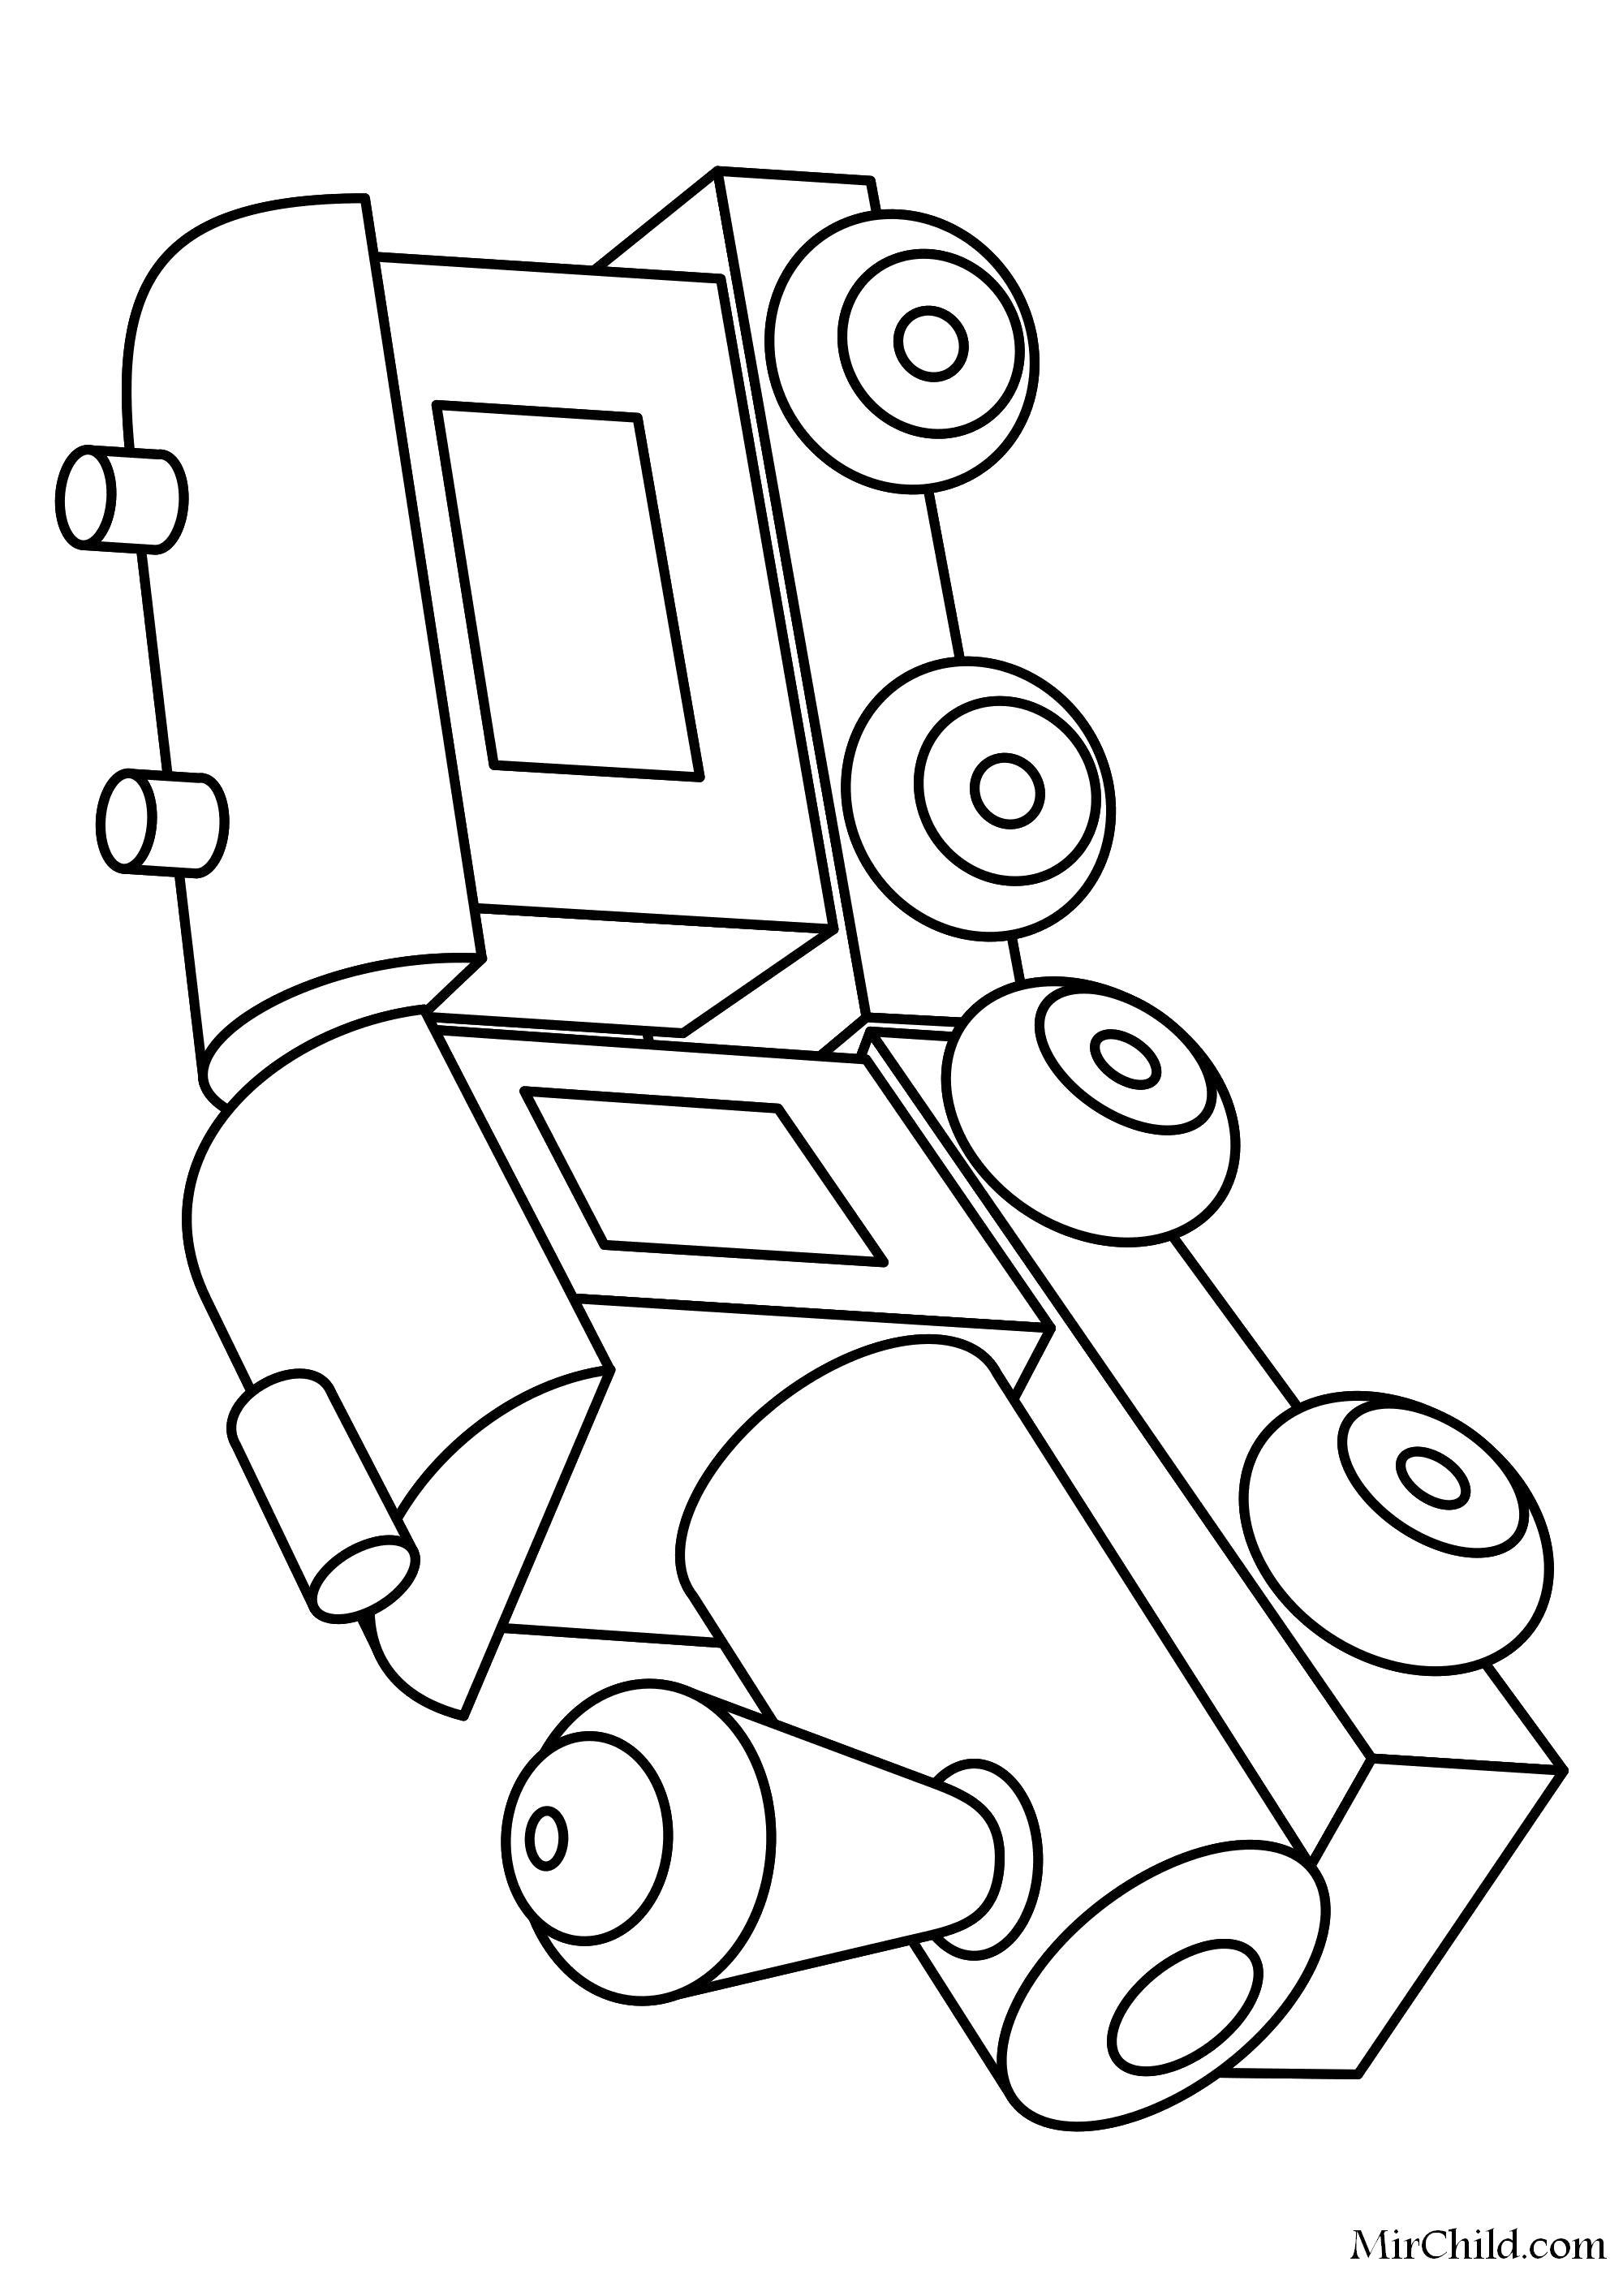 Раскраска  Игрушка паровозик с вагоном. Скачать паровозик.  Распечатать паровозик